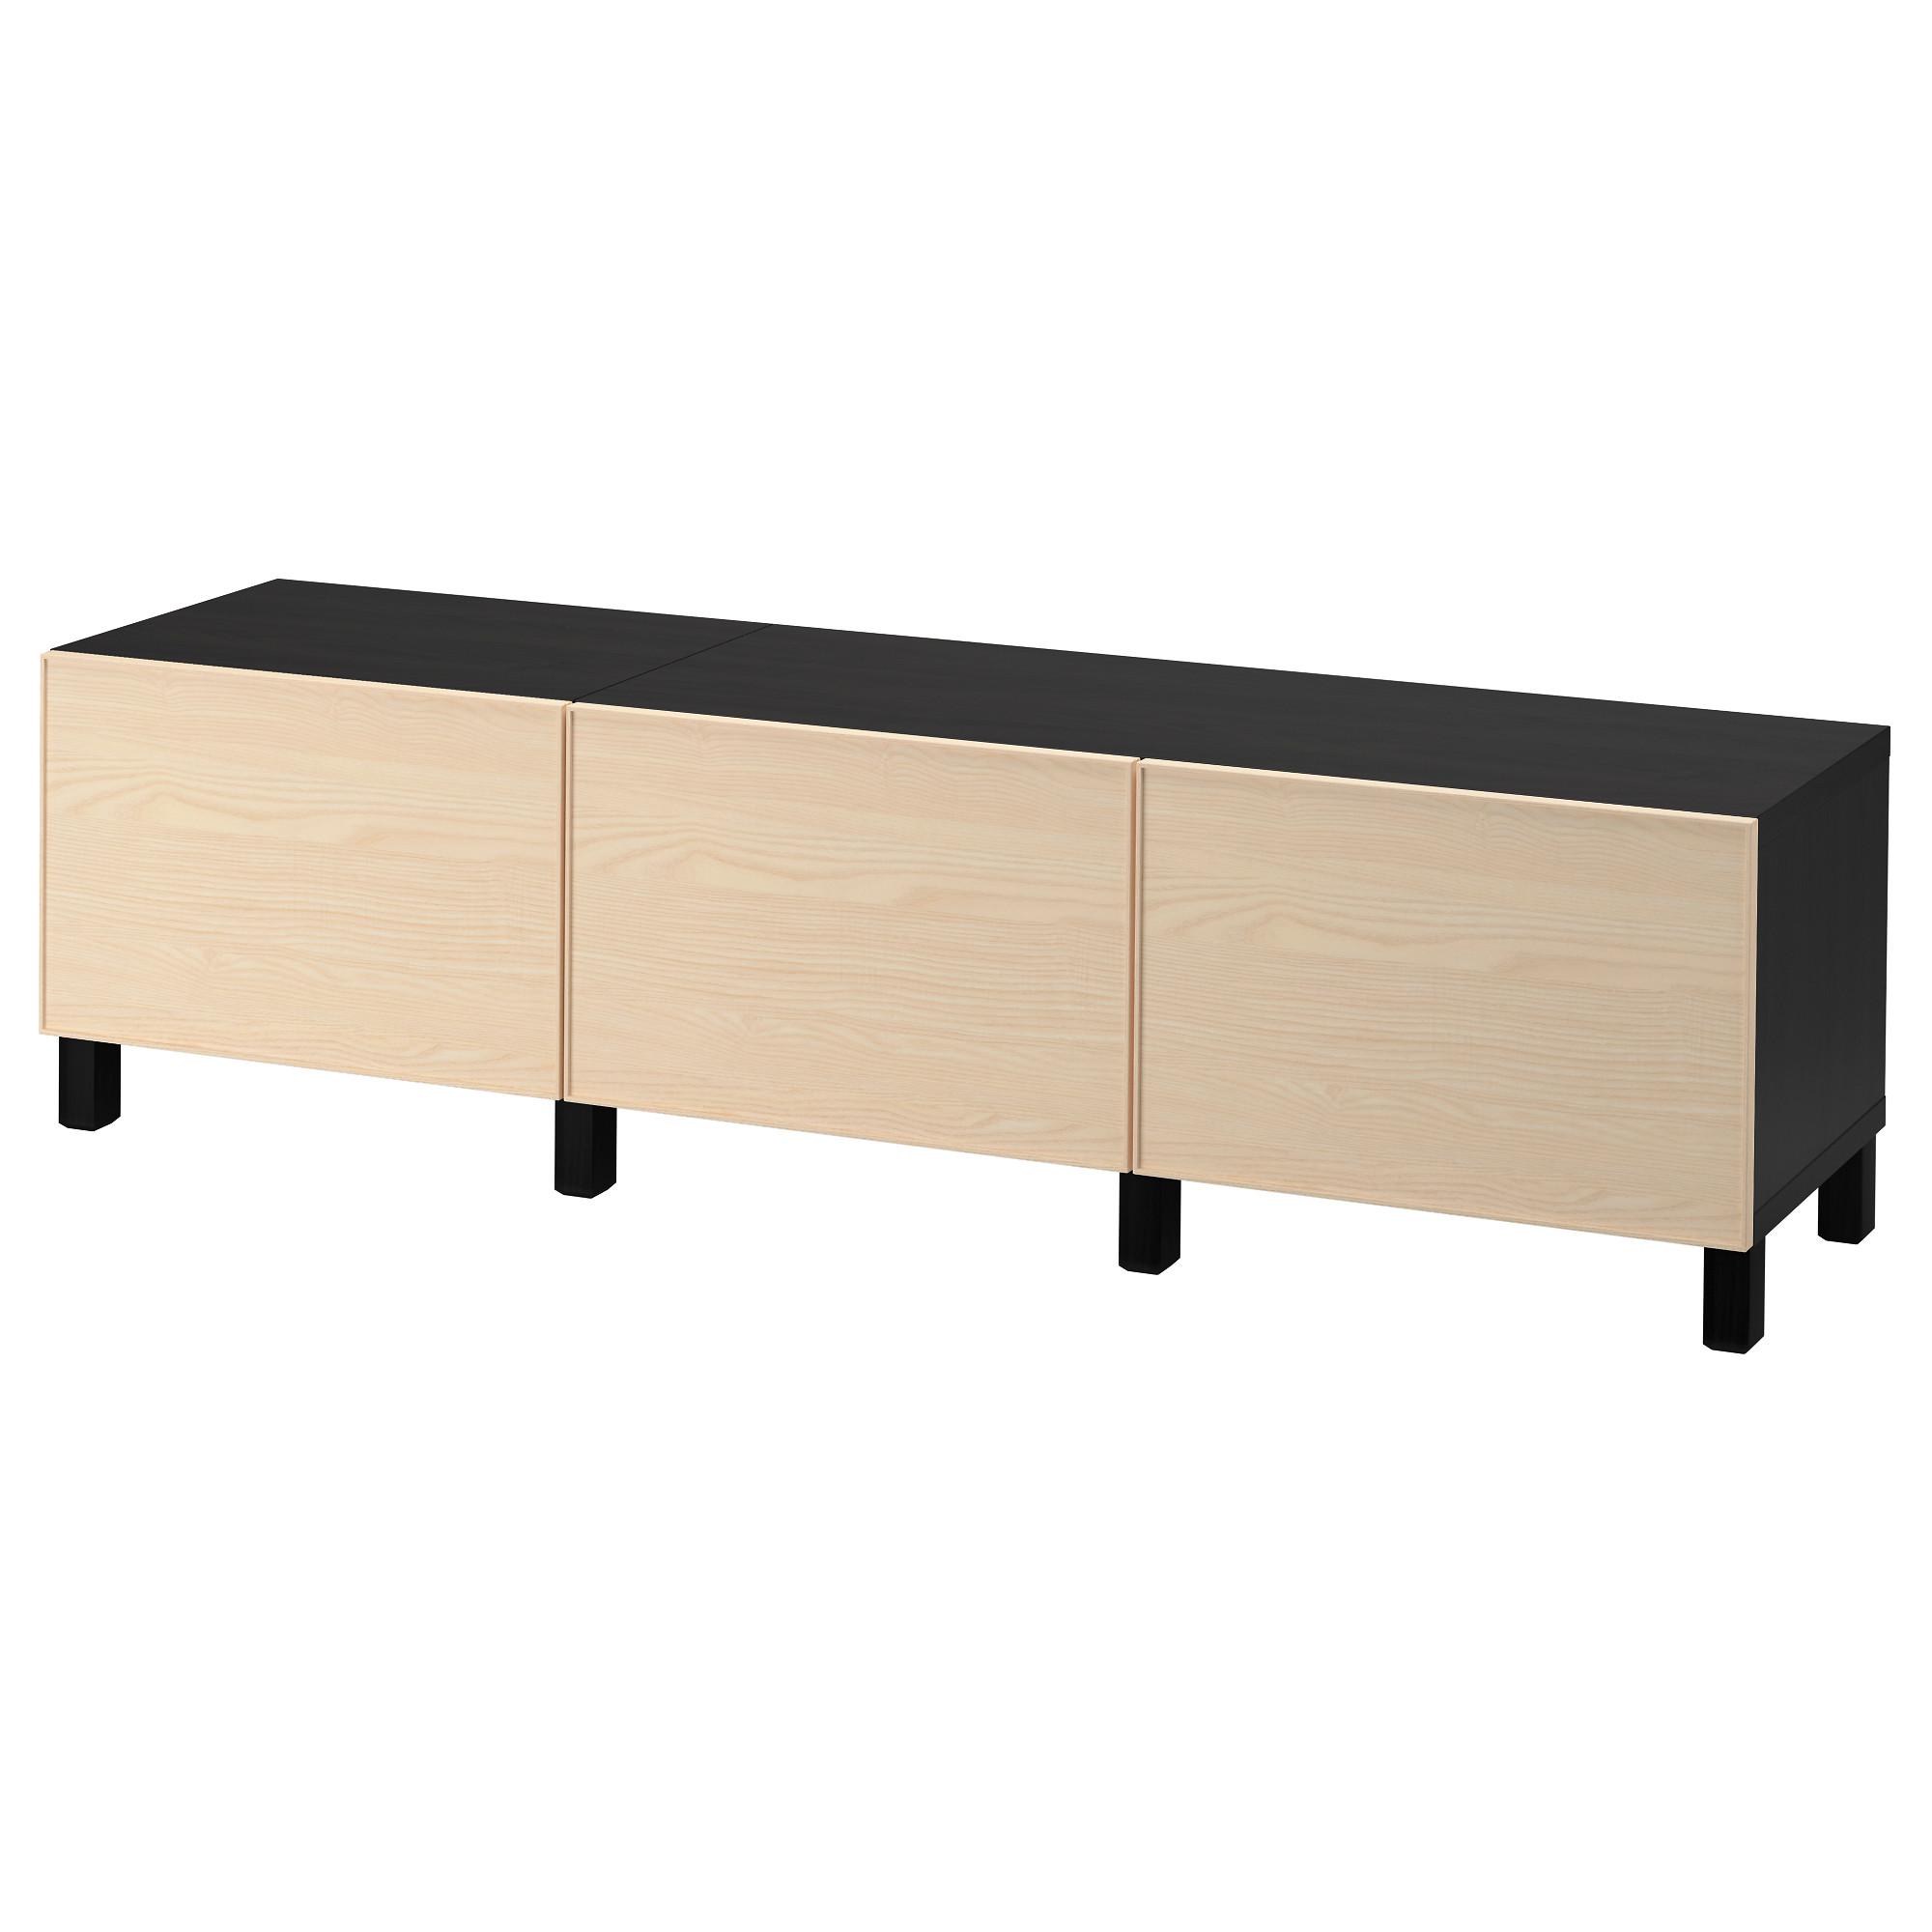 Комбинация для хранения с ящиками БЕСТО черно-коричневый артикуль № 892.489.79 в наличии. Online магазин IKEA РБ. Быстрая доставка и установка.